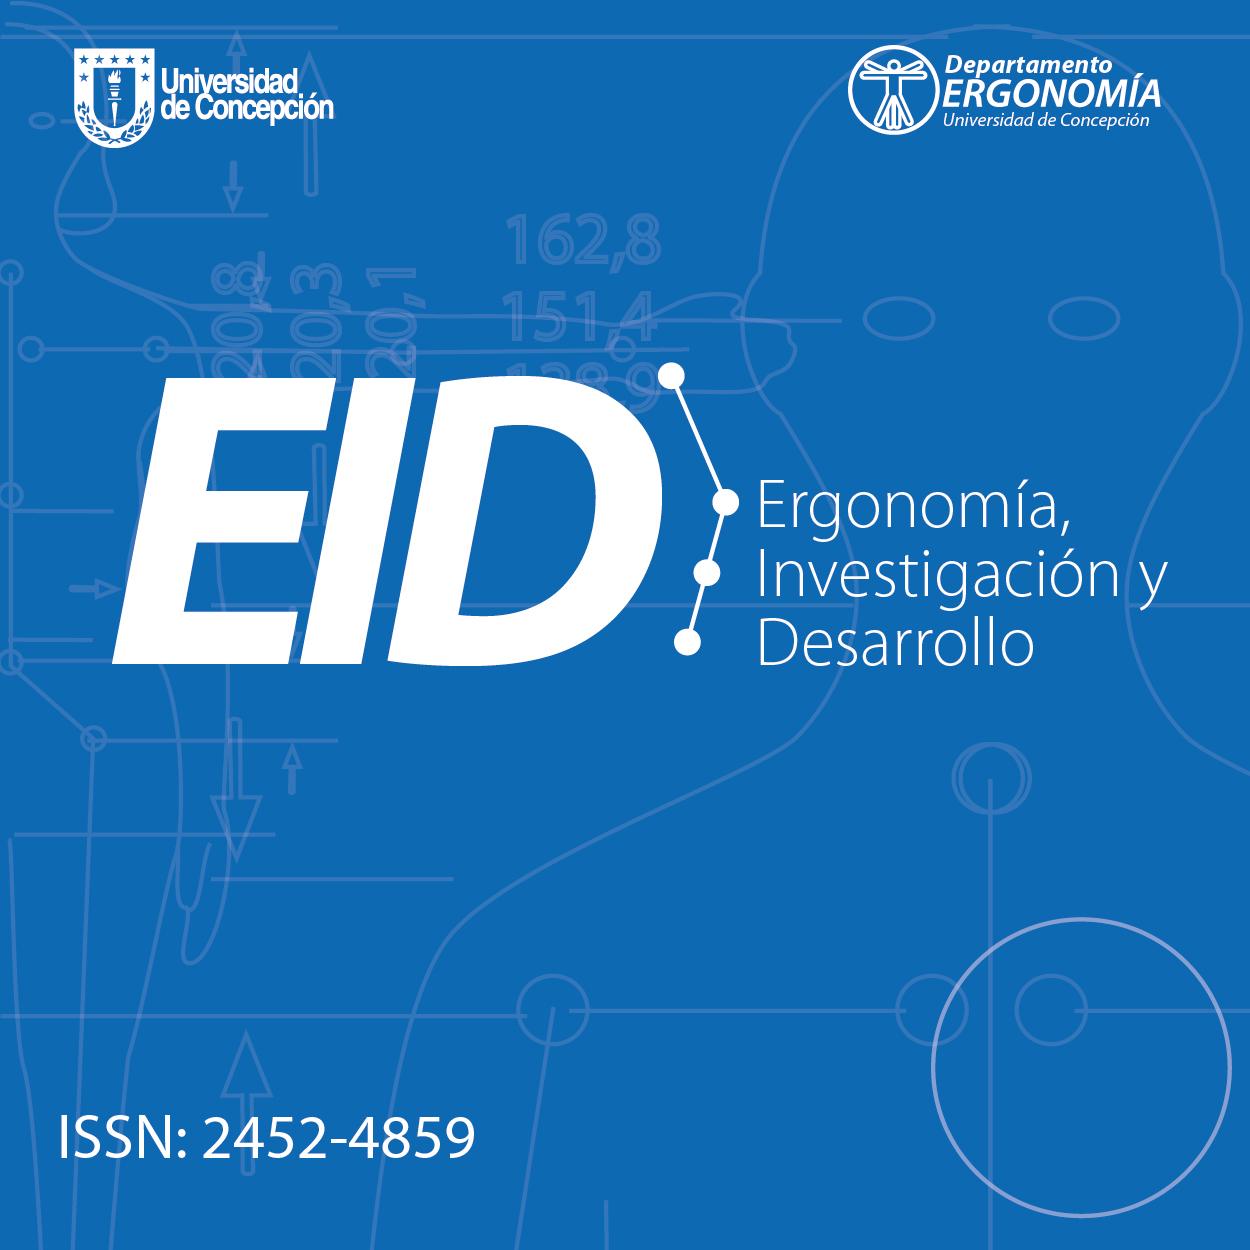 Ergonomía, Investigación y Desarrollo 2019